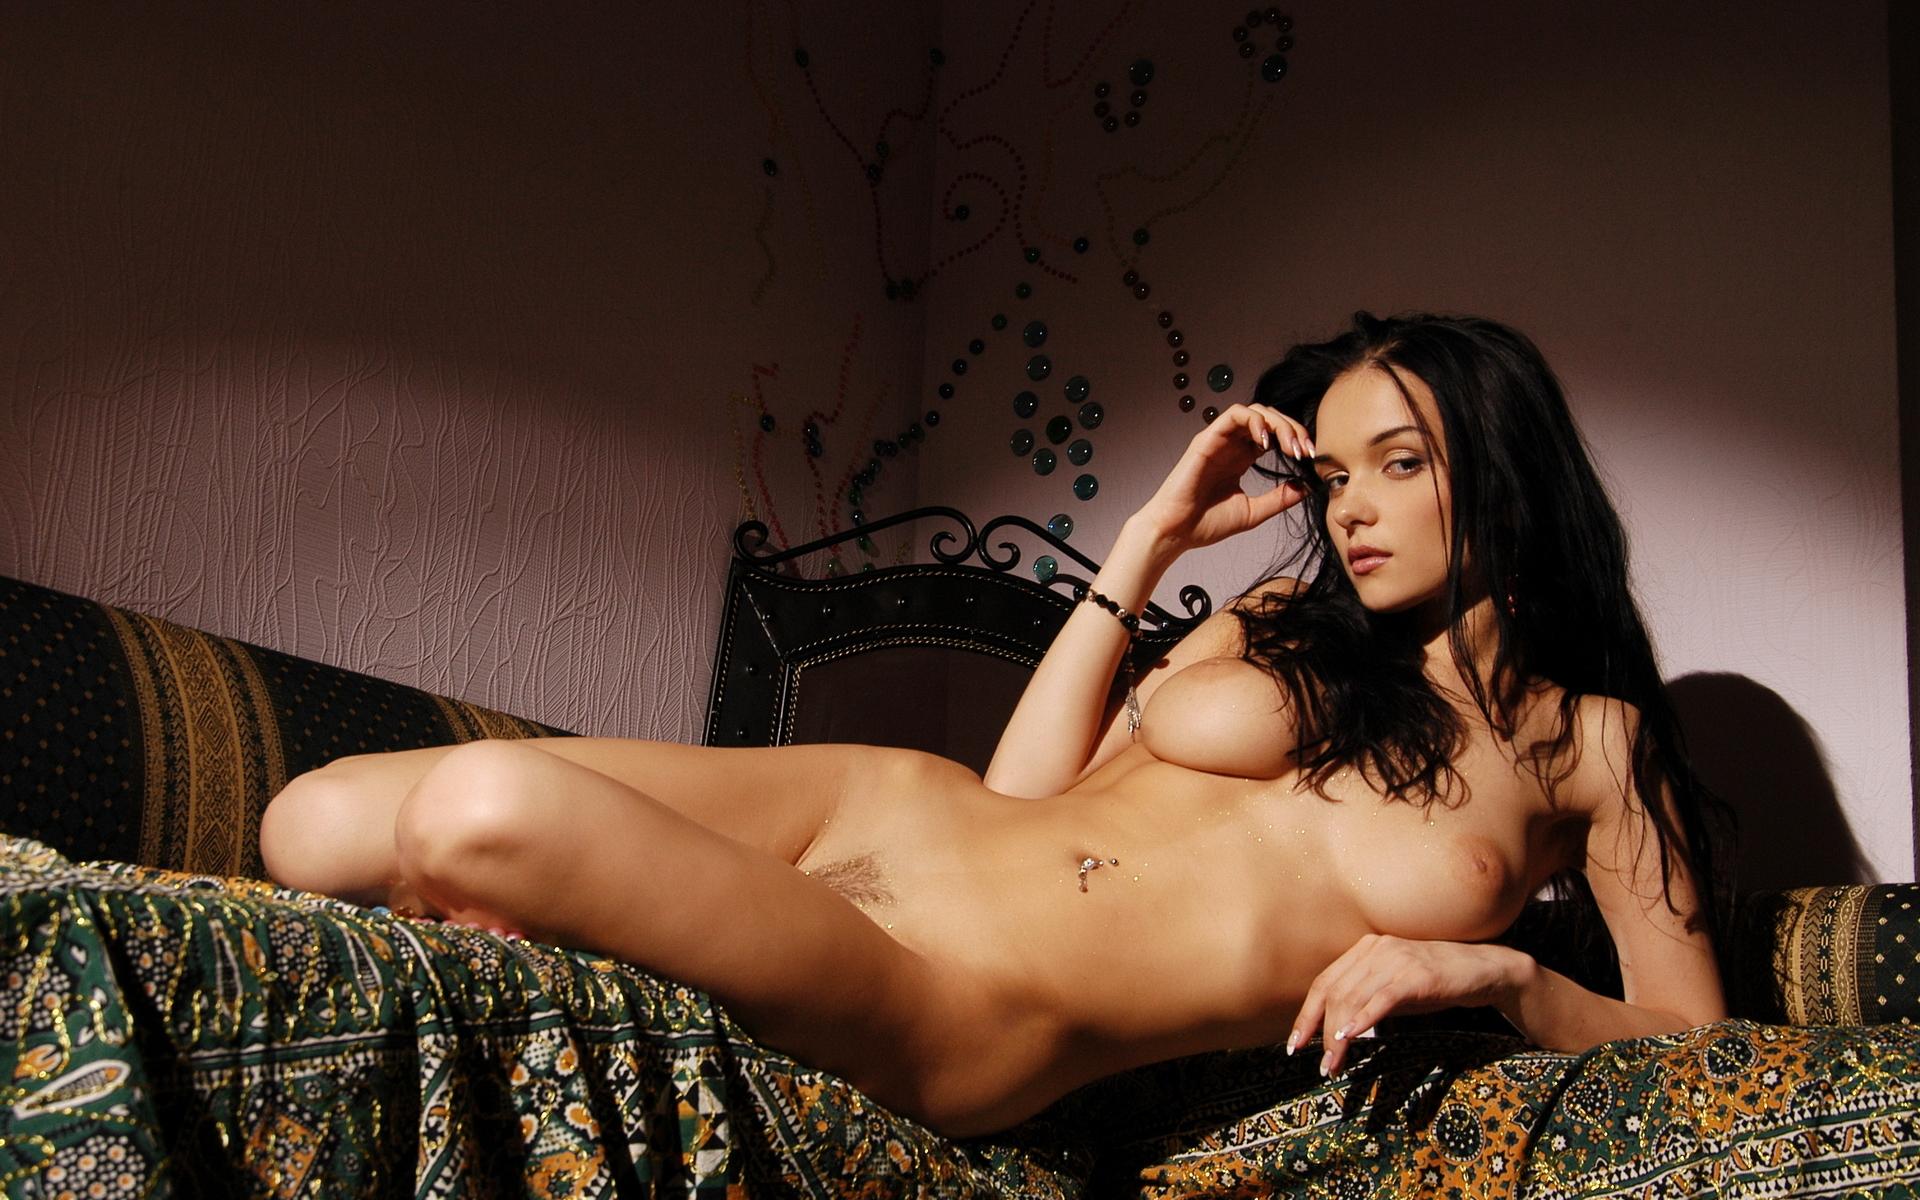 Эротические фото девушек из абакана 14 фотография